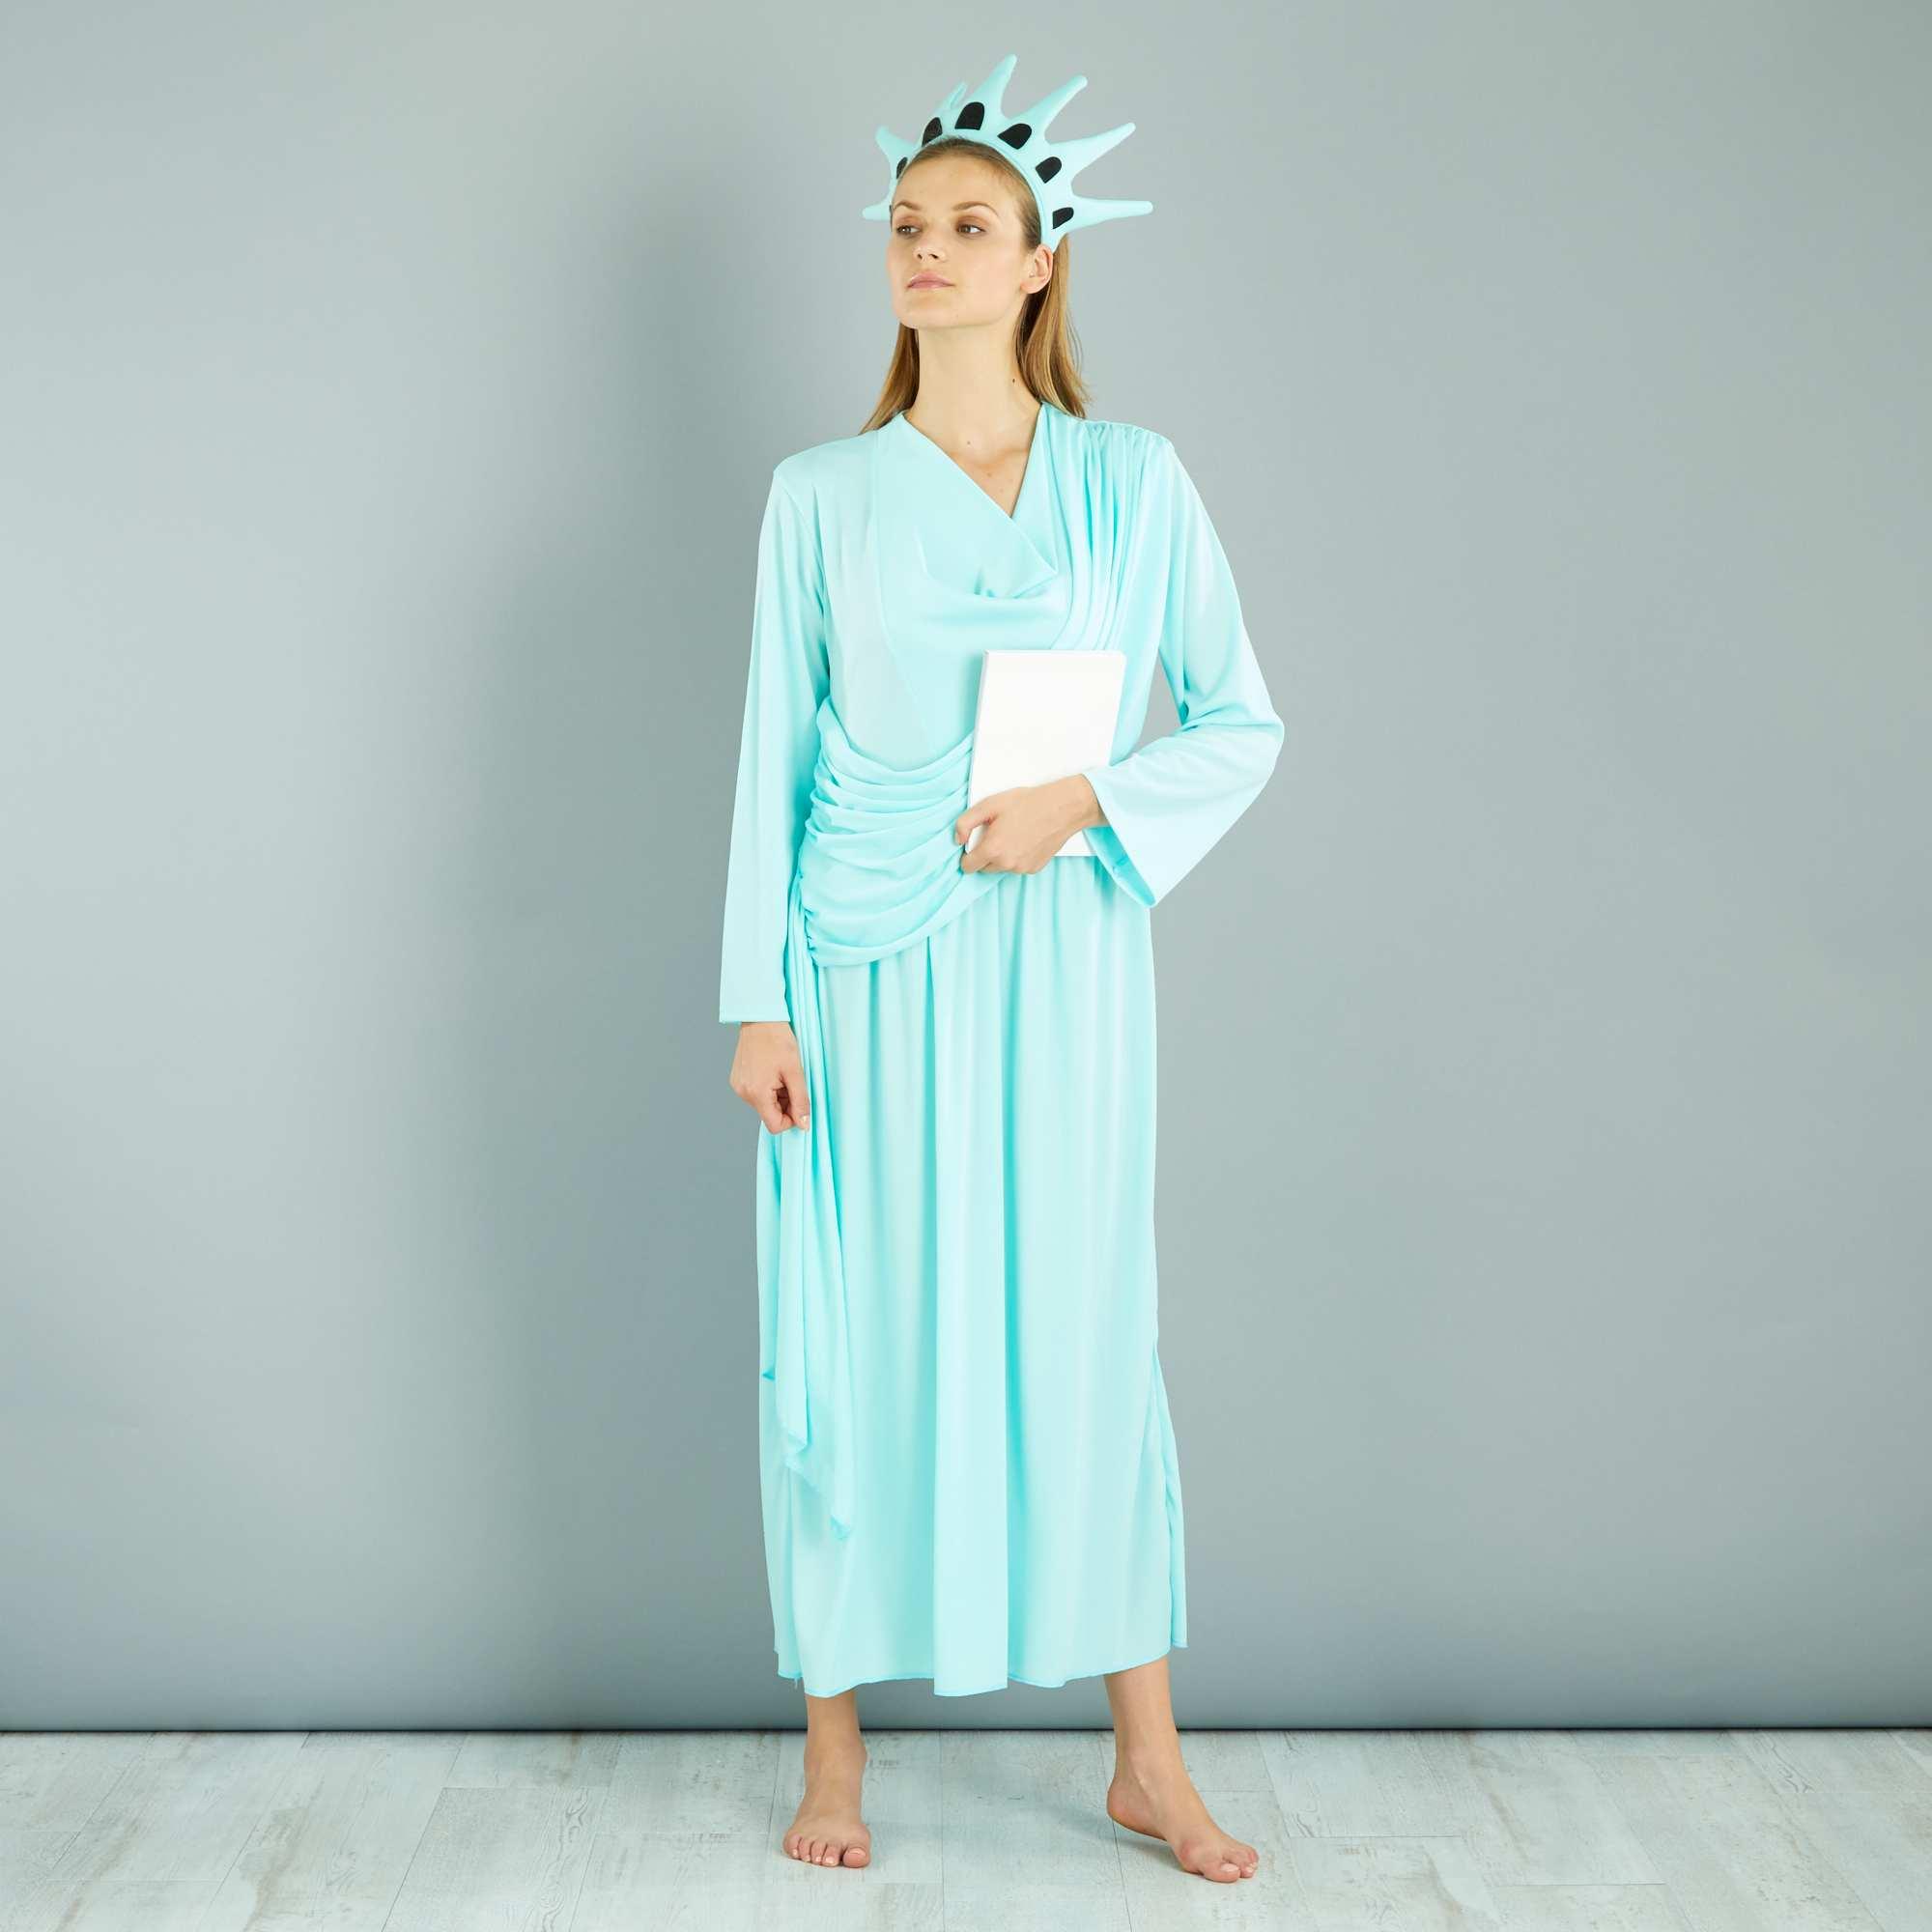 d guisement 39 statue de la libert 39 femme bleu kiabi 20 00. Black Bedroom Furniture Sets. Home Design Ideas